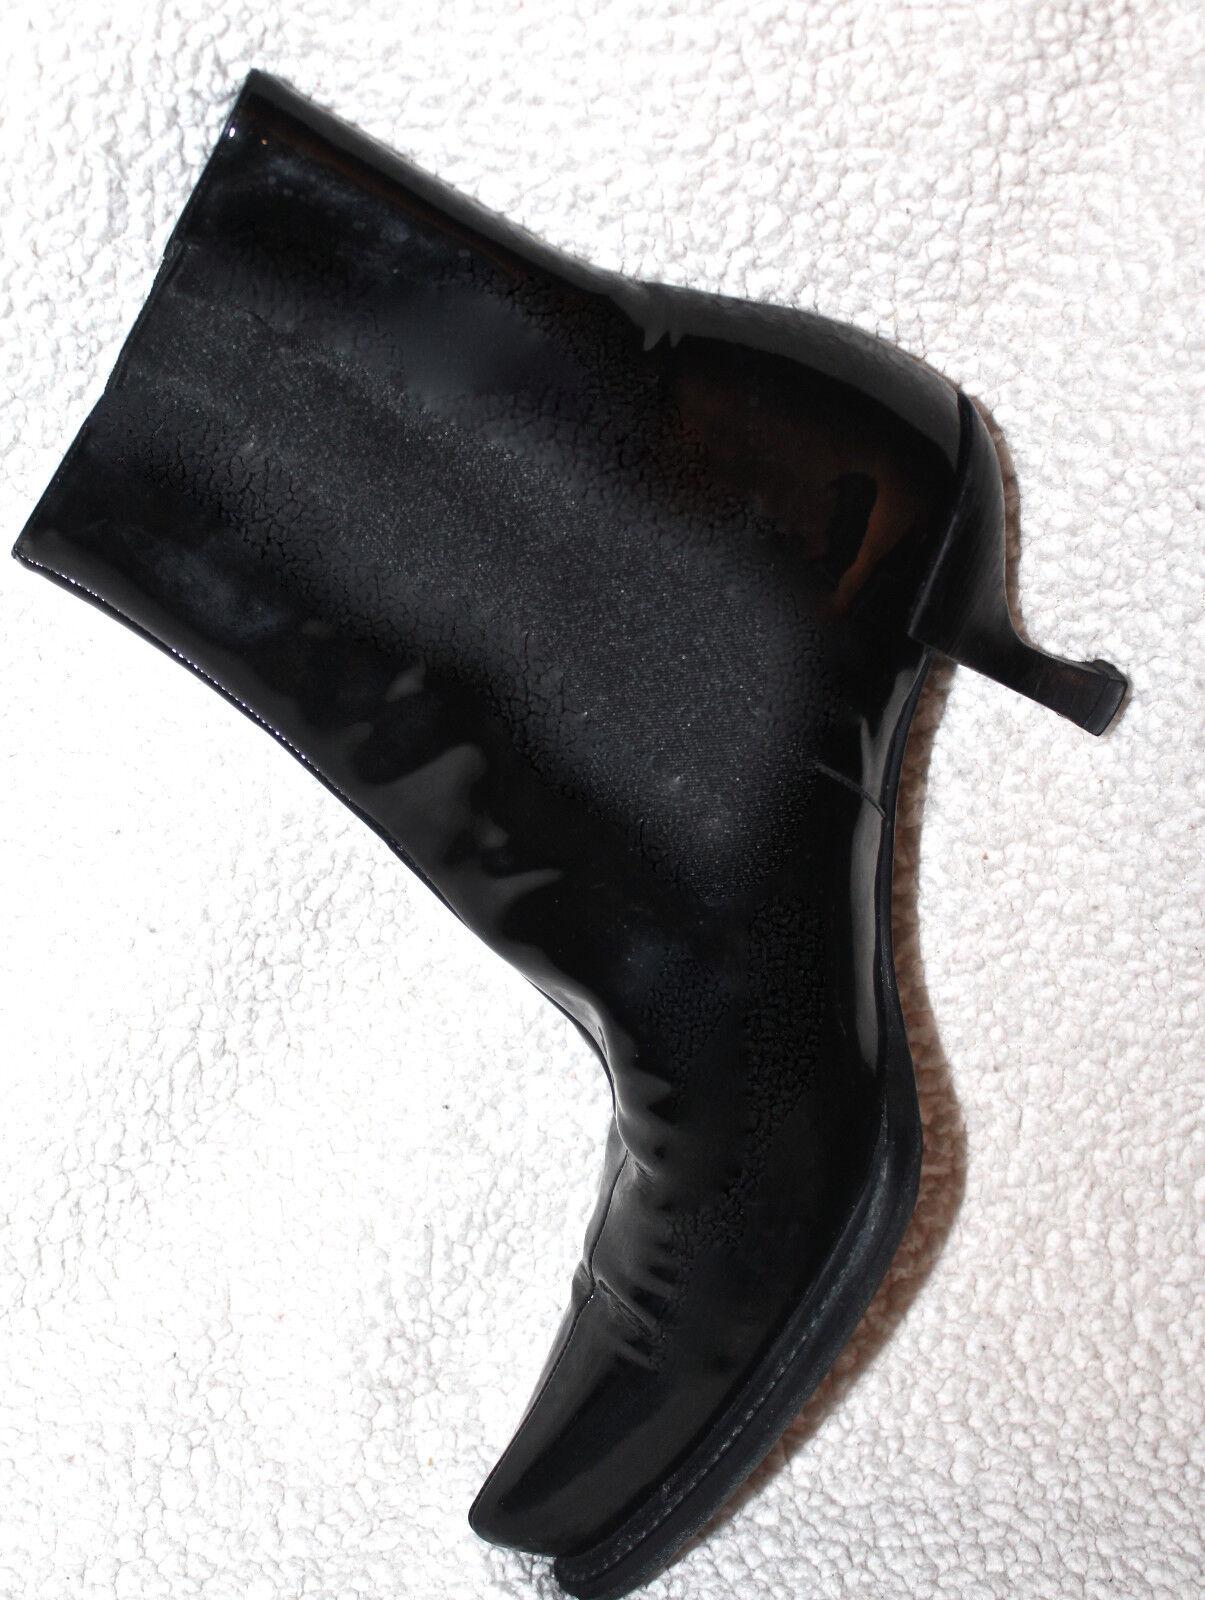 PRADA SIZE WOMEN'S BLACK LEATHER Stiefel~ SIZE PRADA 38 US 7.5M 9af73e